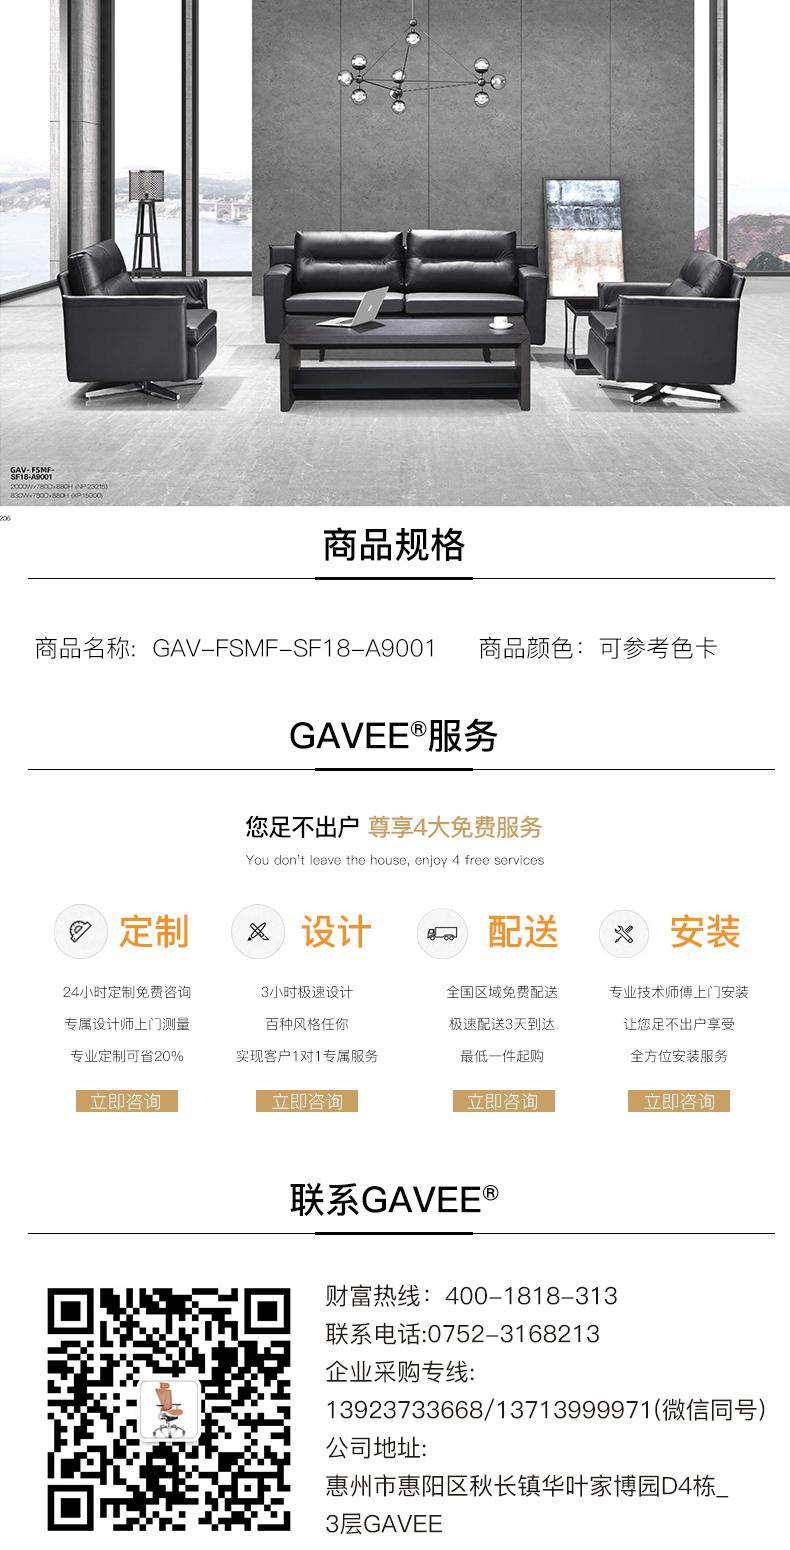 沙發茶幾系統GAV-FSMF-SF18-A9001.jpg